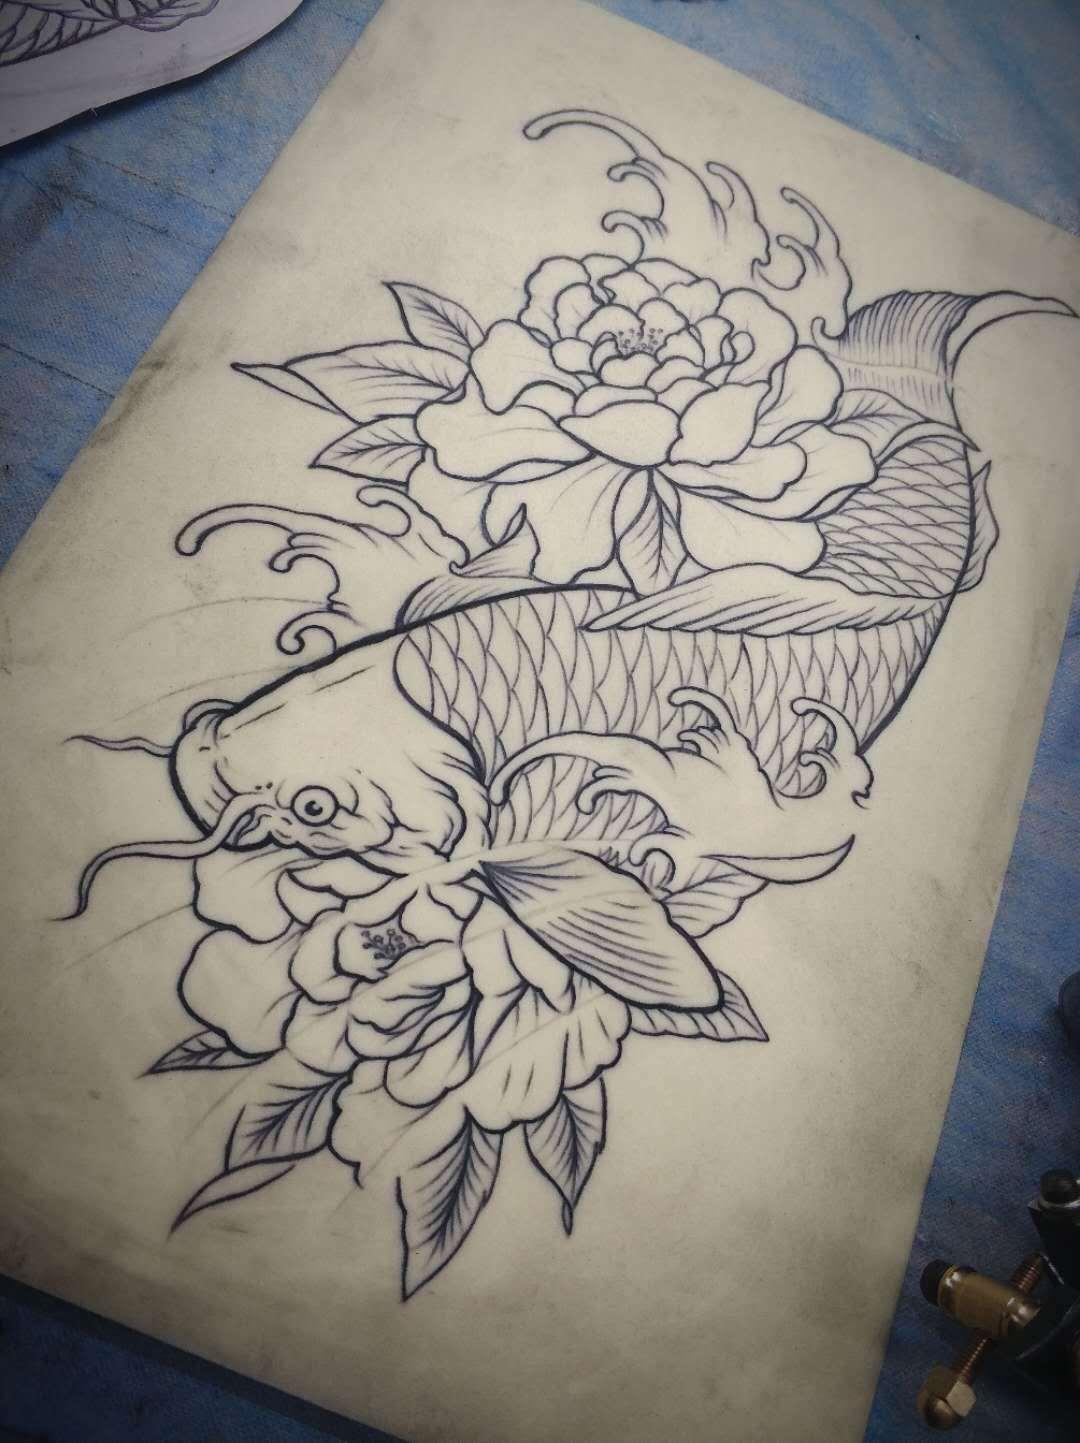 大鲤鱼 1|手工艺|其他手工|_小鱼干儿 - 原创作品图片